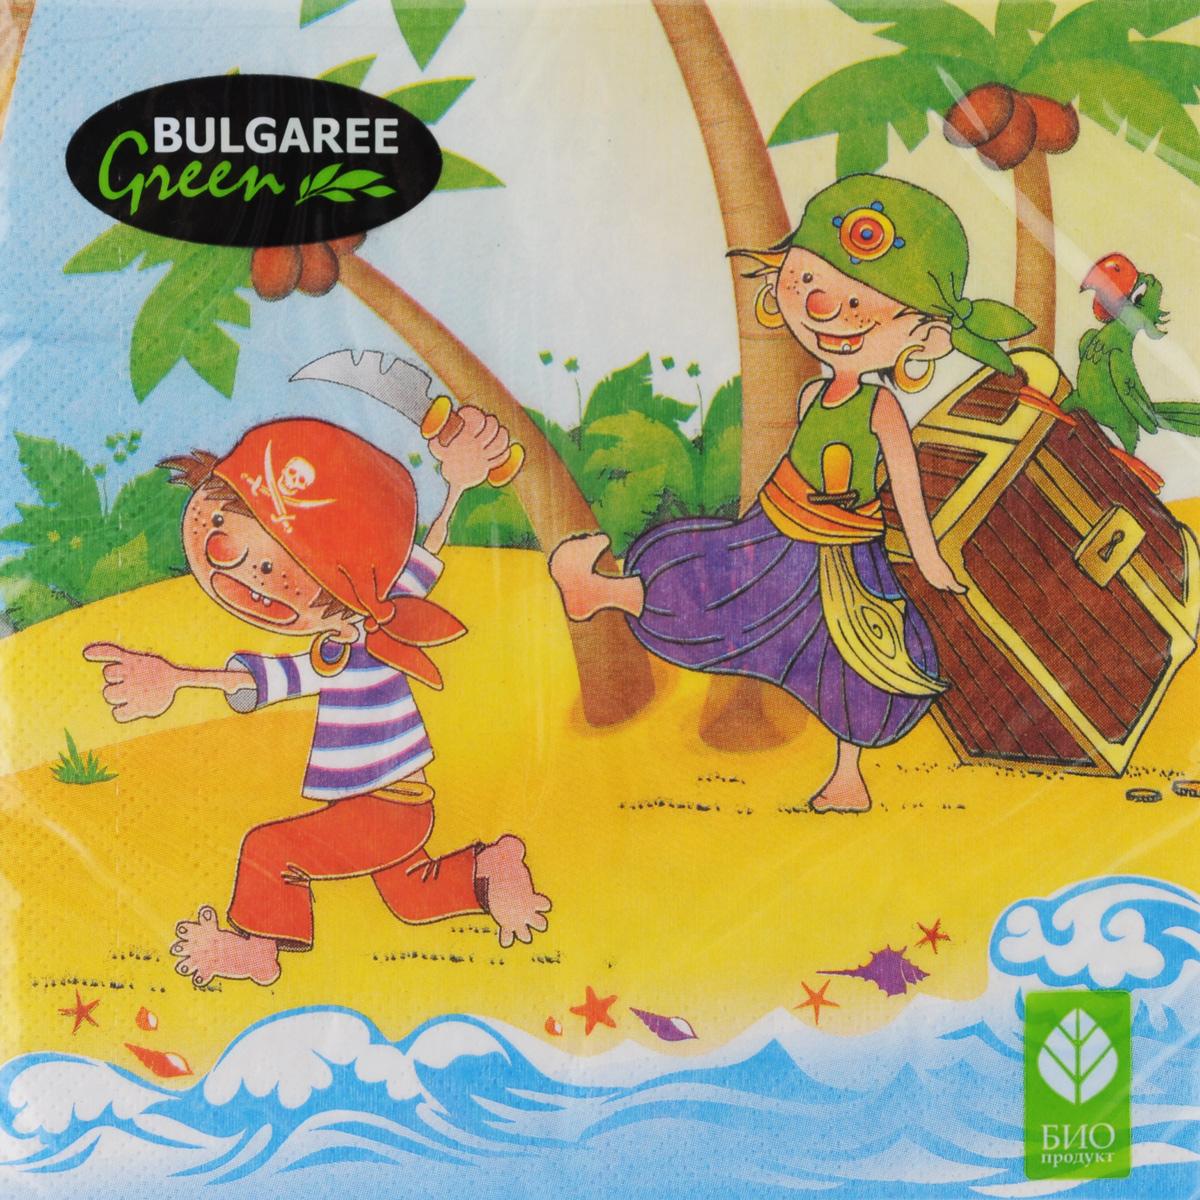 Салфетки бумажные Bulgaree Green Пираты, трехслойные, 33 х 33 см, 20 шт19201Декоративные трехслойные салфетки Bulgaree Green Пиратывыполнены из 100%целлюлозы европейского качества и оформлены ярким рисунком. Изделиястанут отличнымдополнением любого праздничного стола. Они отличаются необычноймягкостью,прочностью и оригинальностью.Размер салфеток в развернутом виде: 33 х 33 см.